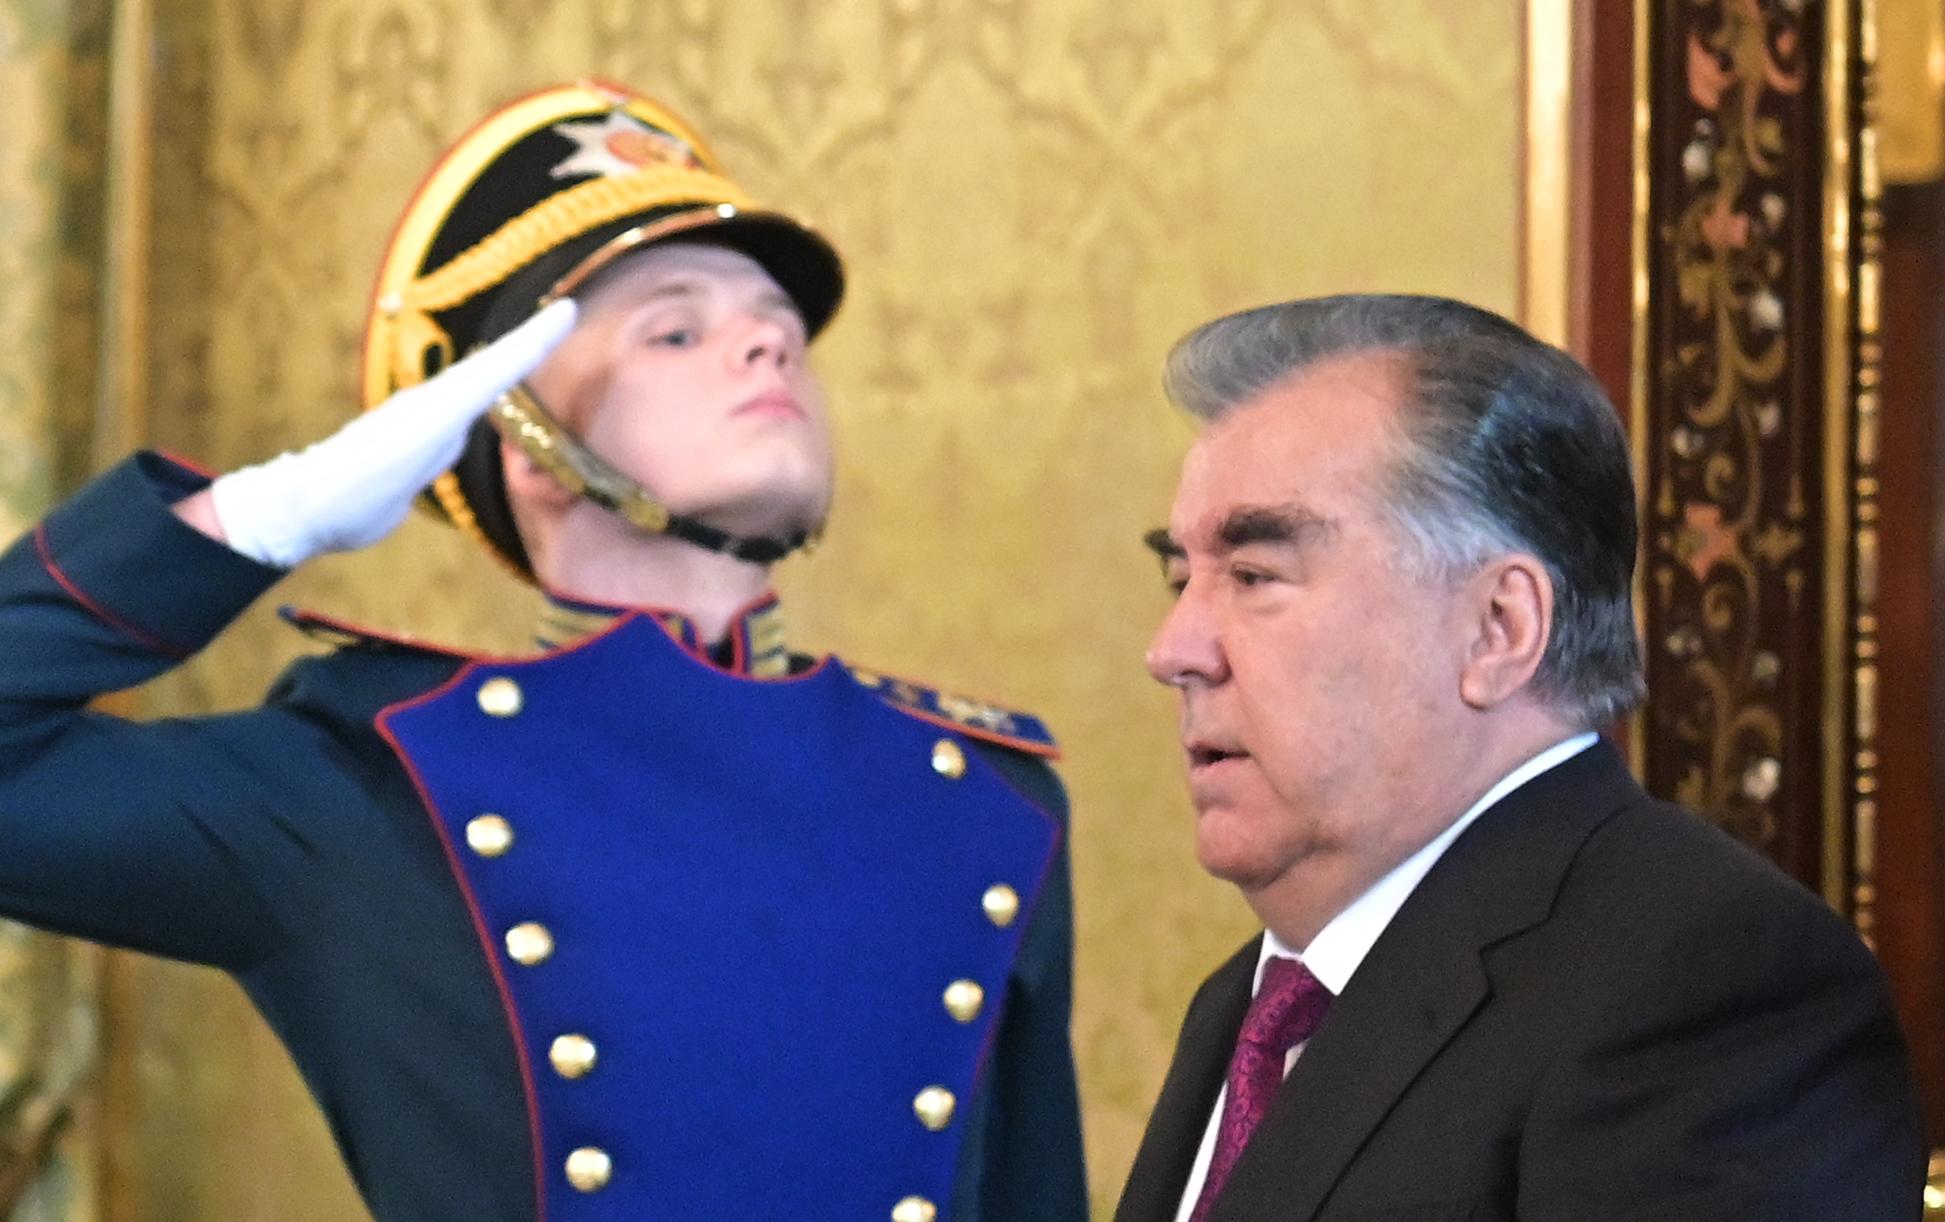 A tadzsik elnök unokaöccsei brutálisan összeverték az ország egészségügyi miniszterét, miután az anyjuk, az elnök testvére meghalt covidban